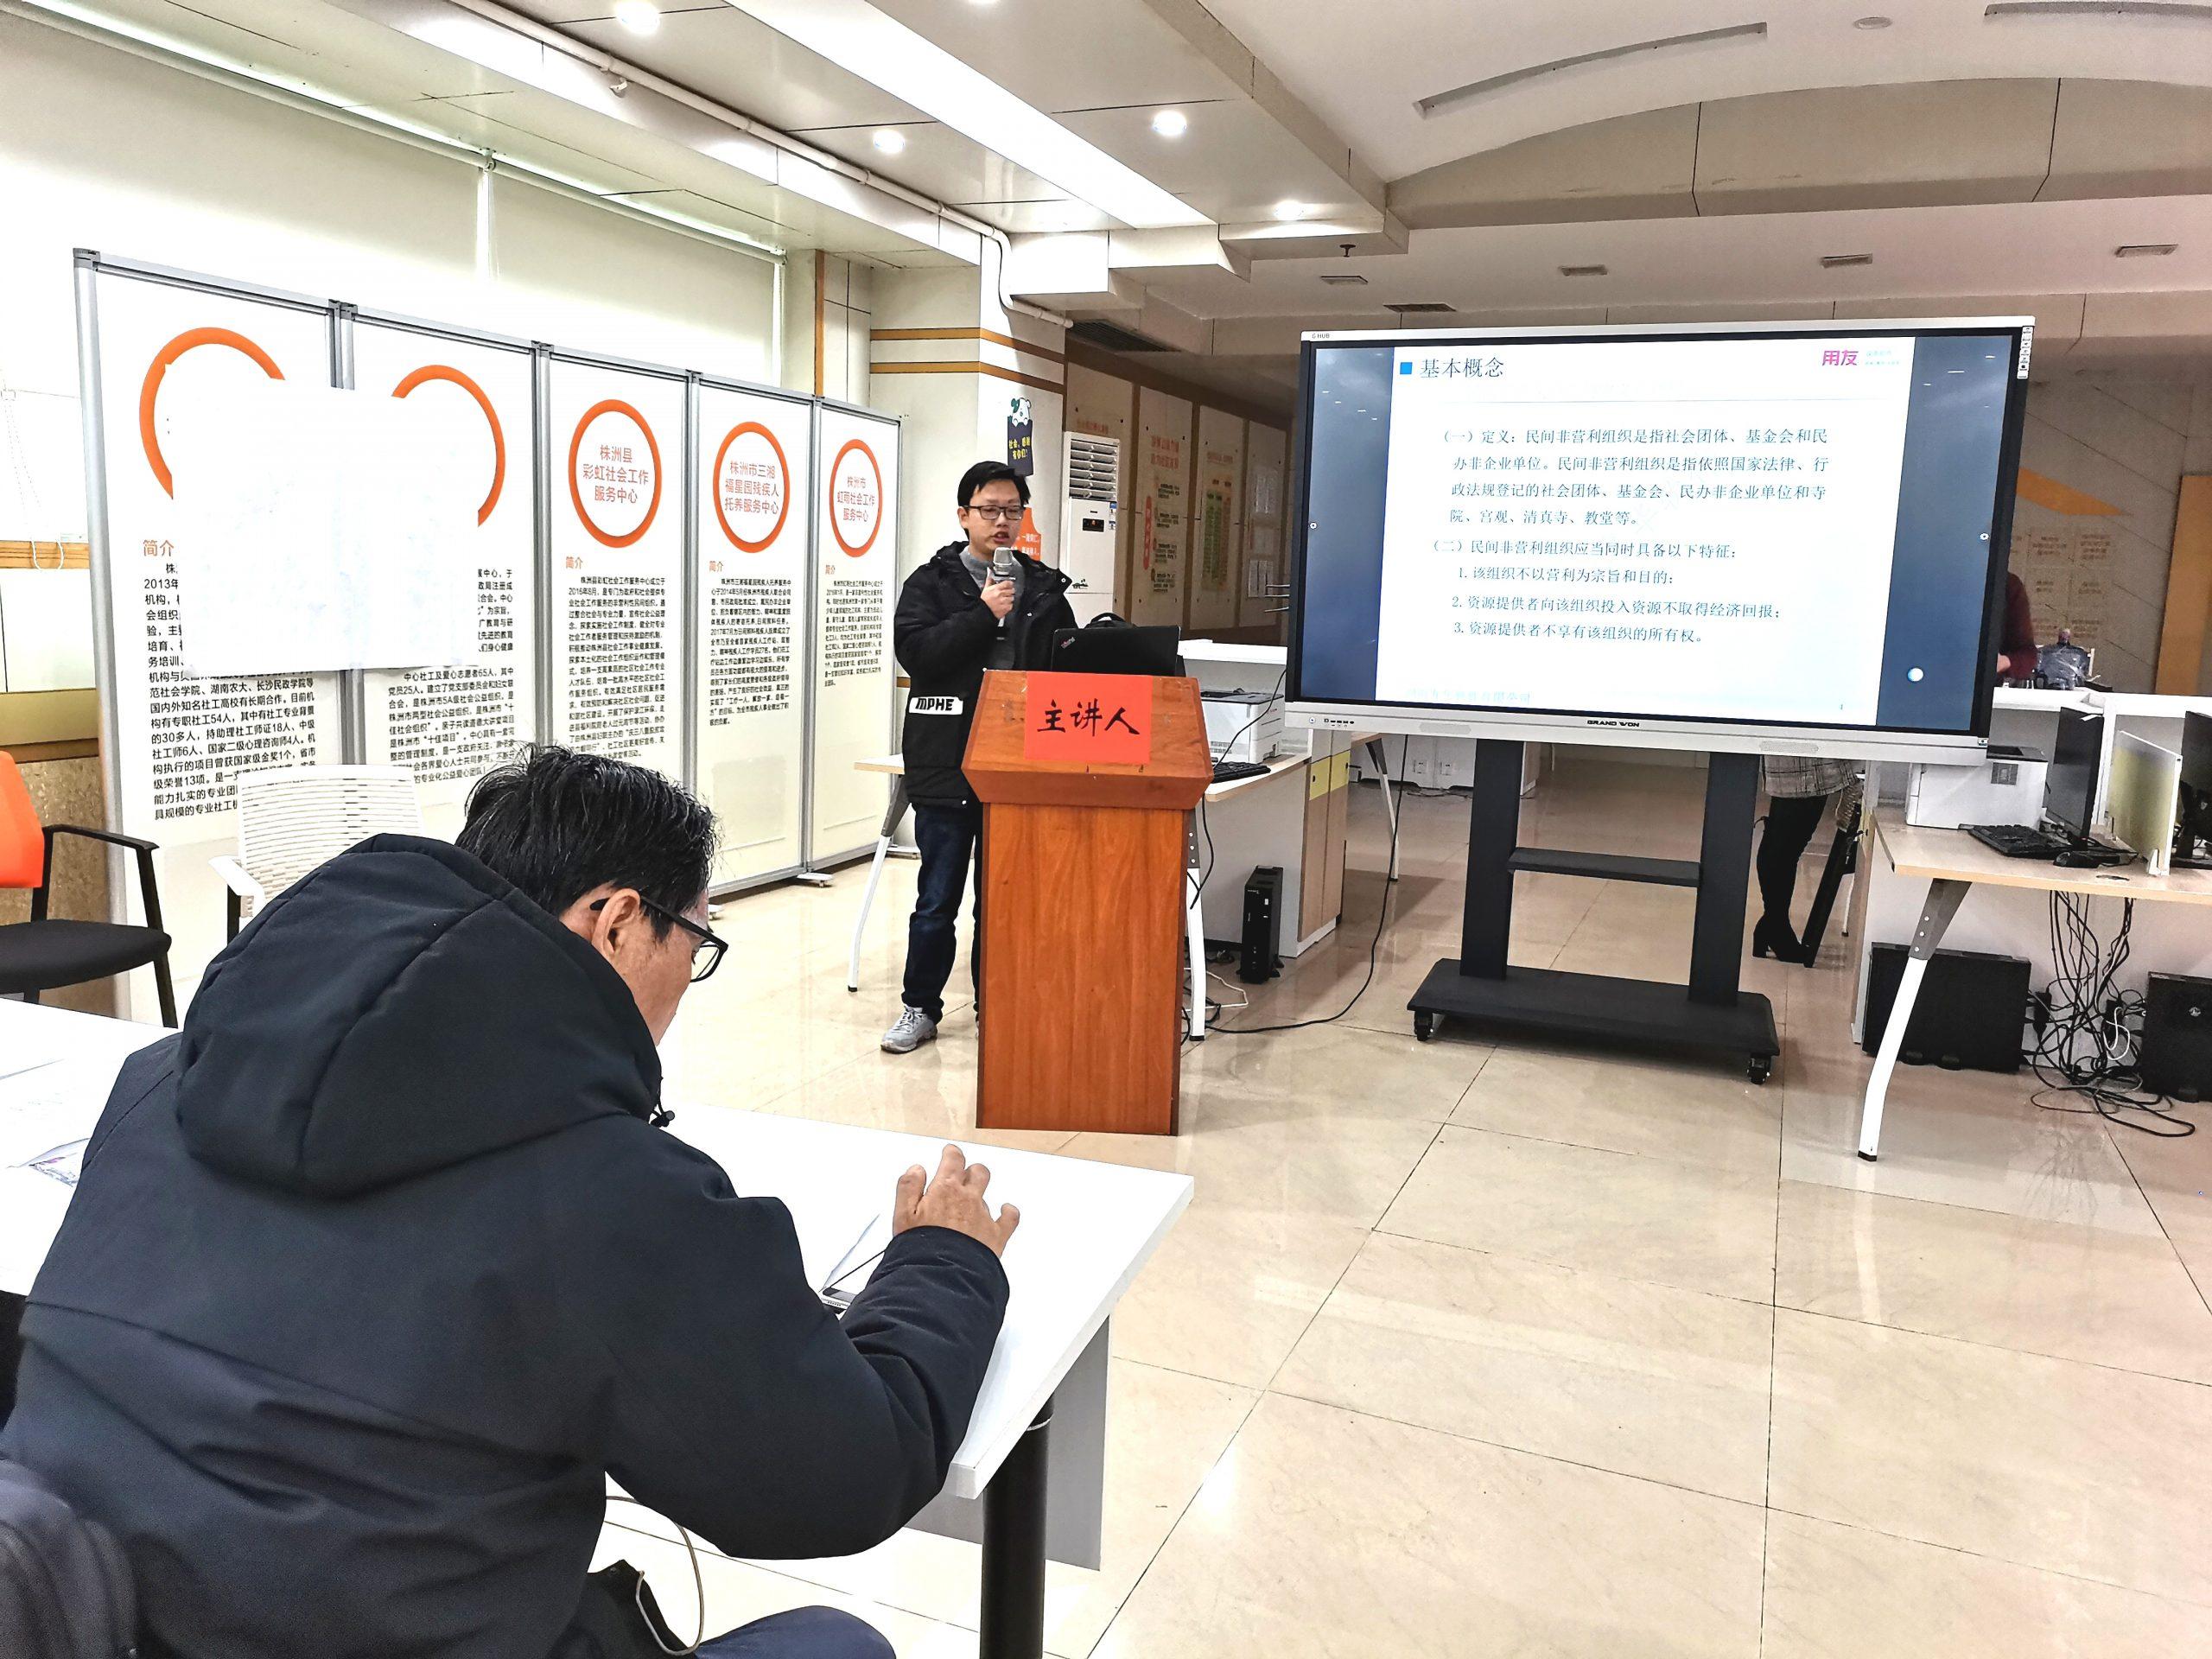 株洲市民政局组织百家社会组织开展内部治理专题培训